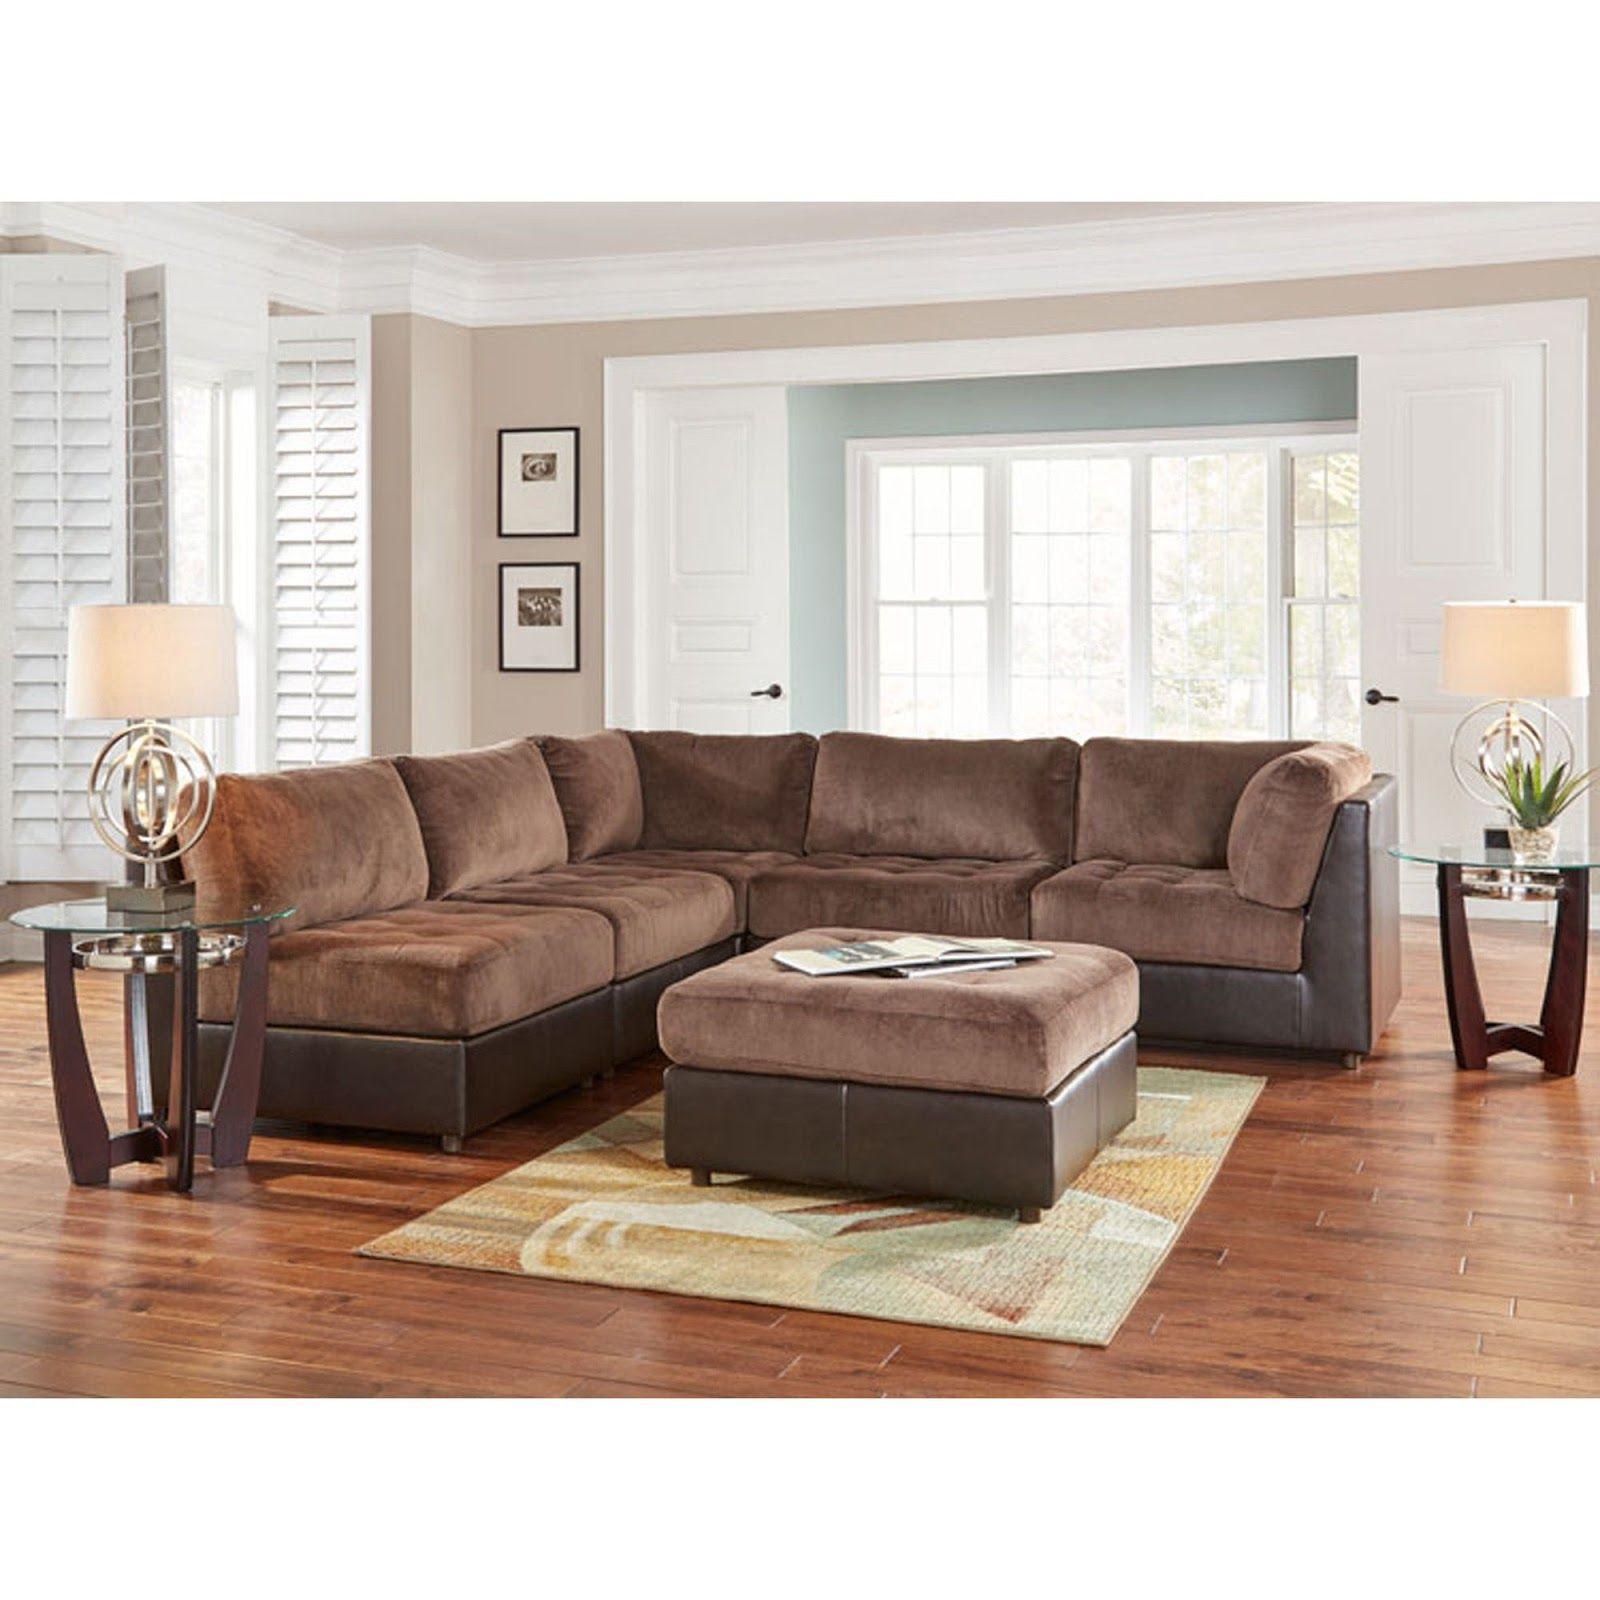 Best 52 Living Room Design Ideas Living Room Sets Furniture